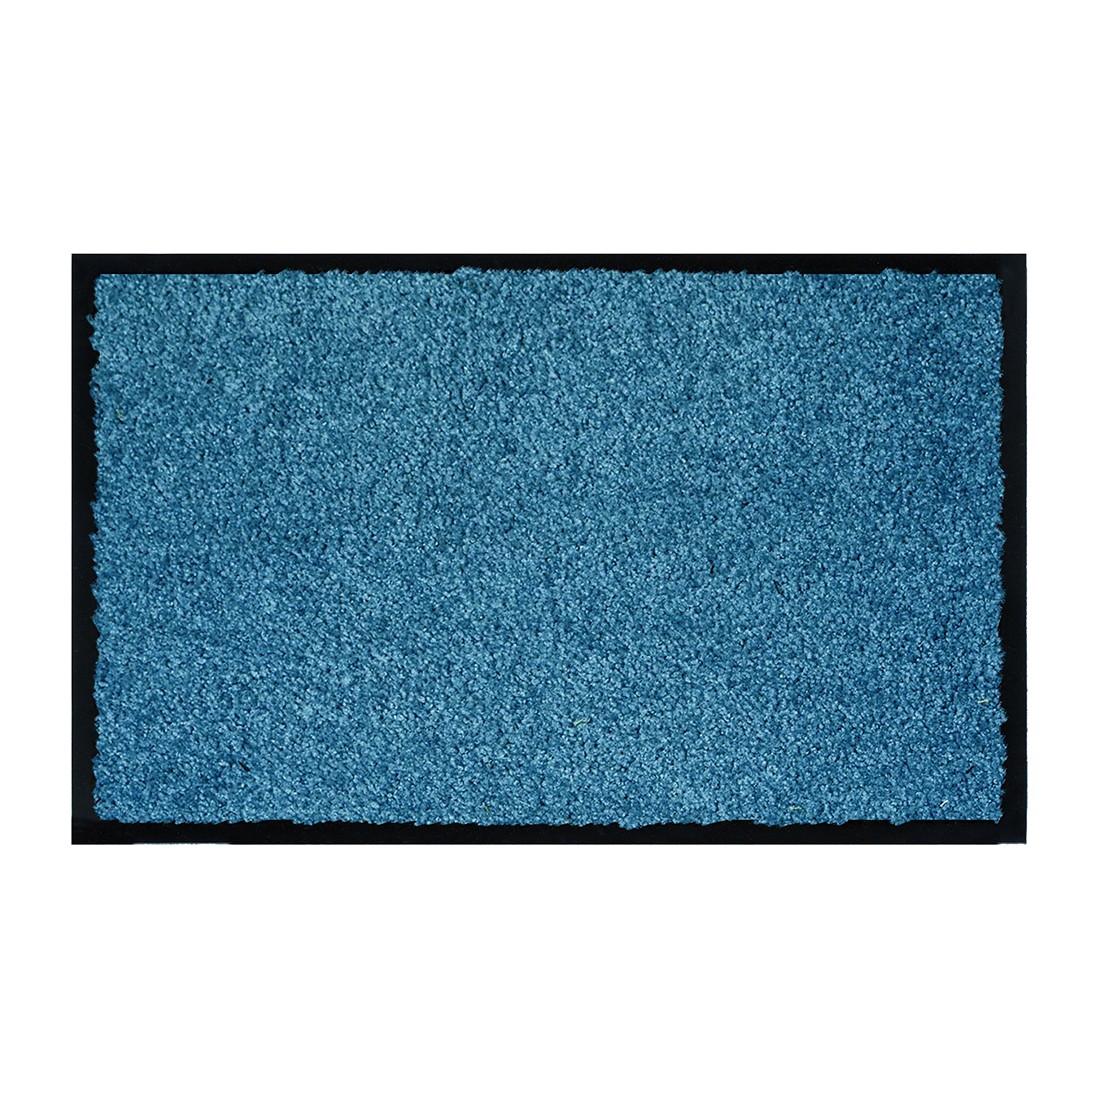 Deurmat Proper Tex - blauw - 90x150cm, Astra